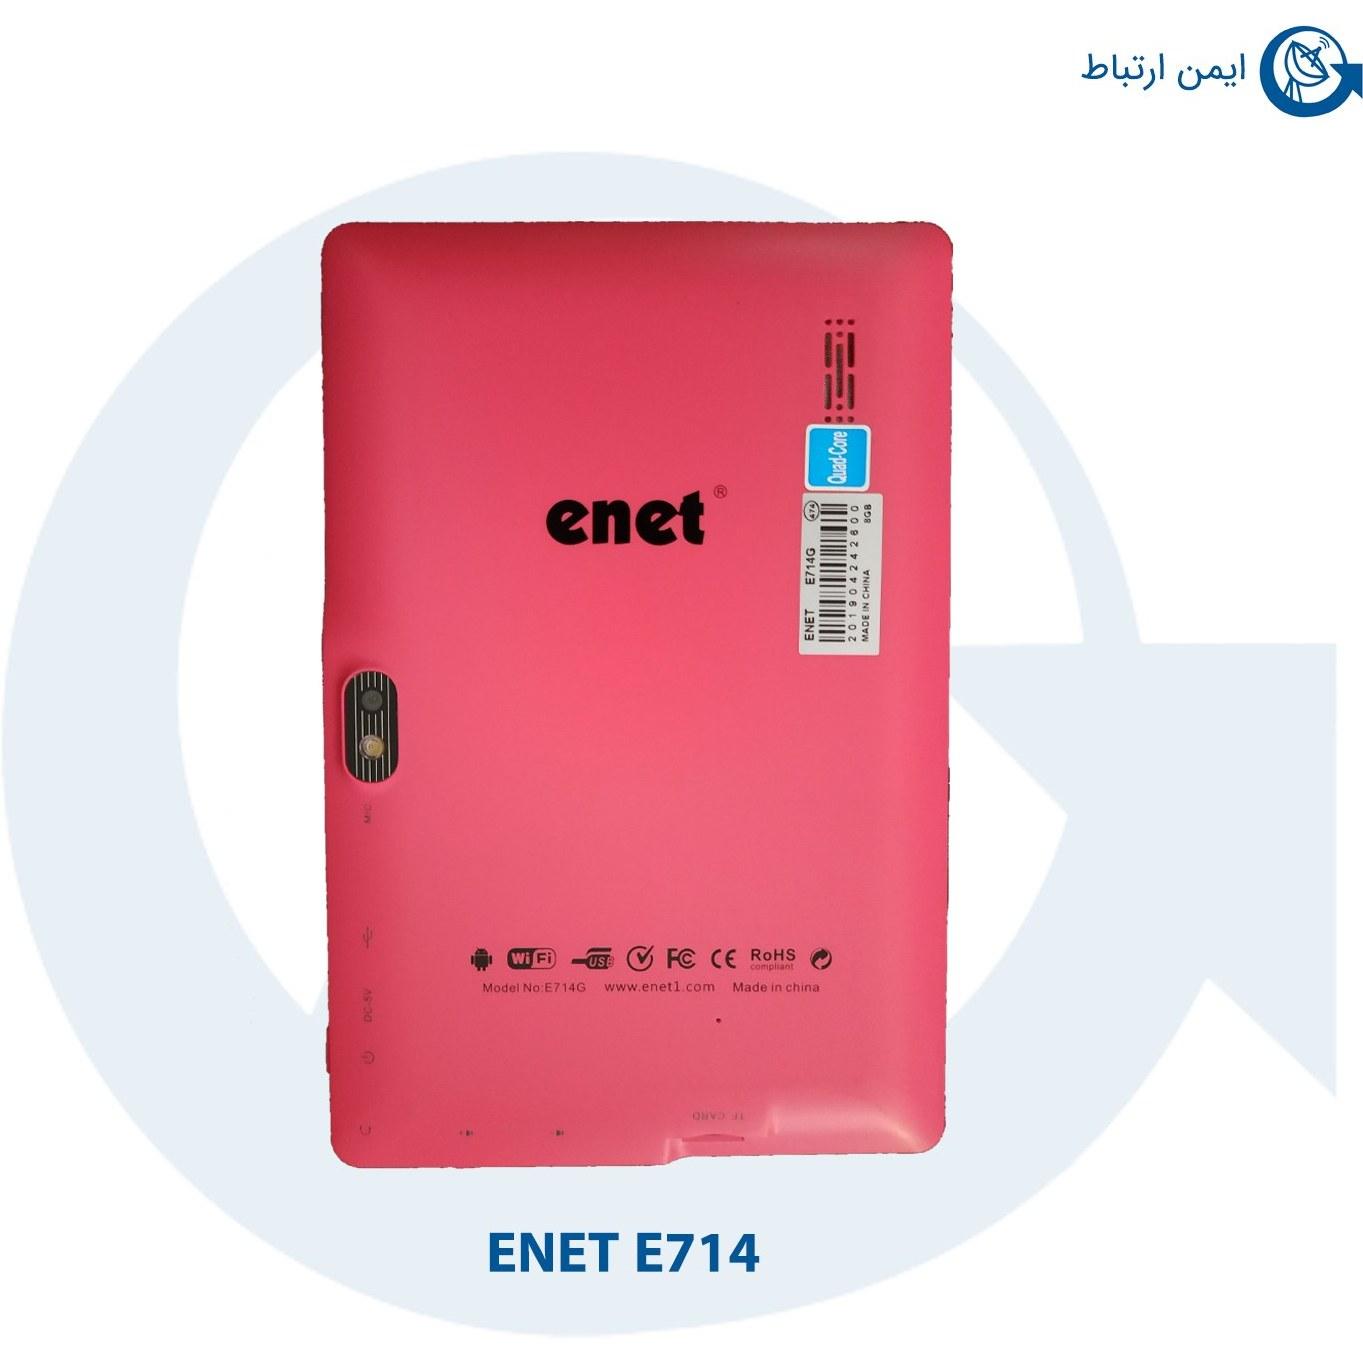 تبلت ای نت مدل E714.enet ظرفیت 8 گیگابایت